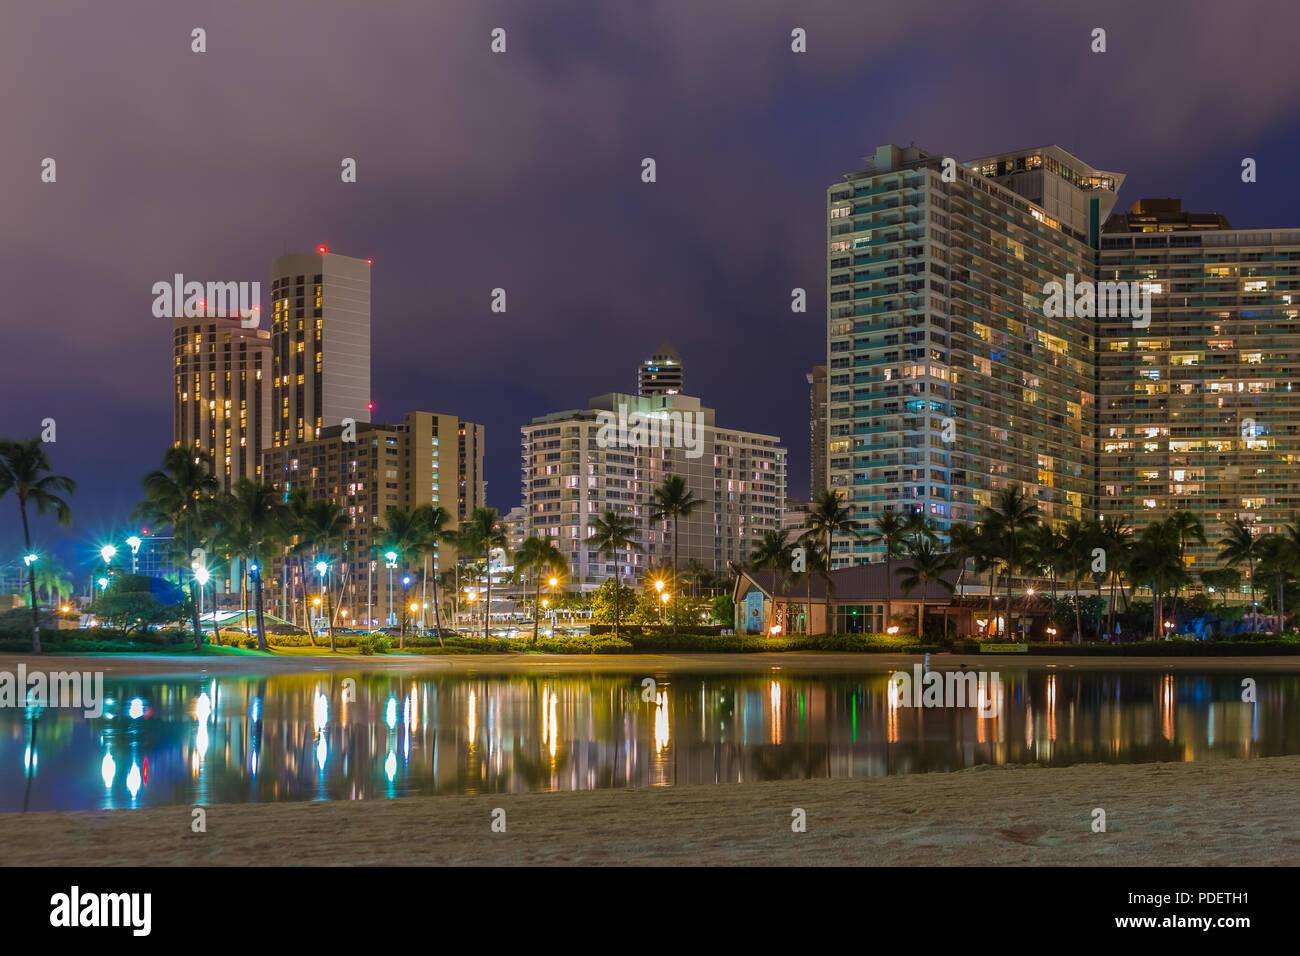 Vista notturna sulla spiaggia di Waikiki e Diamond Head a Honolulu durante la notte nelle Hawaii, STATI UNITI D'AMERICA Immagini Stock